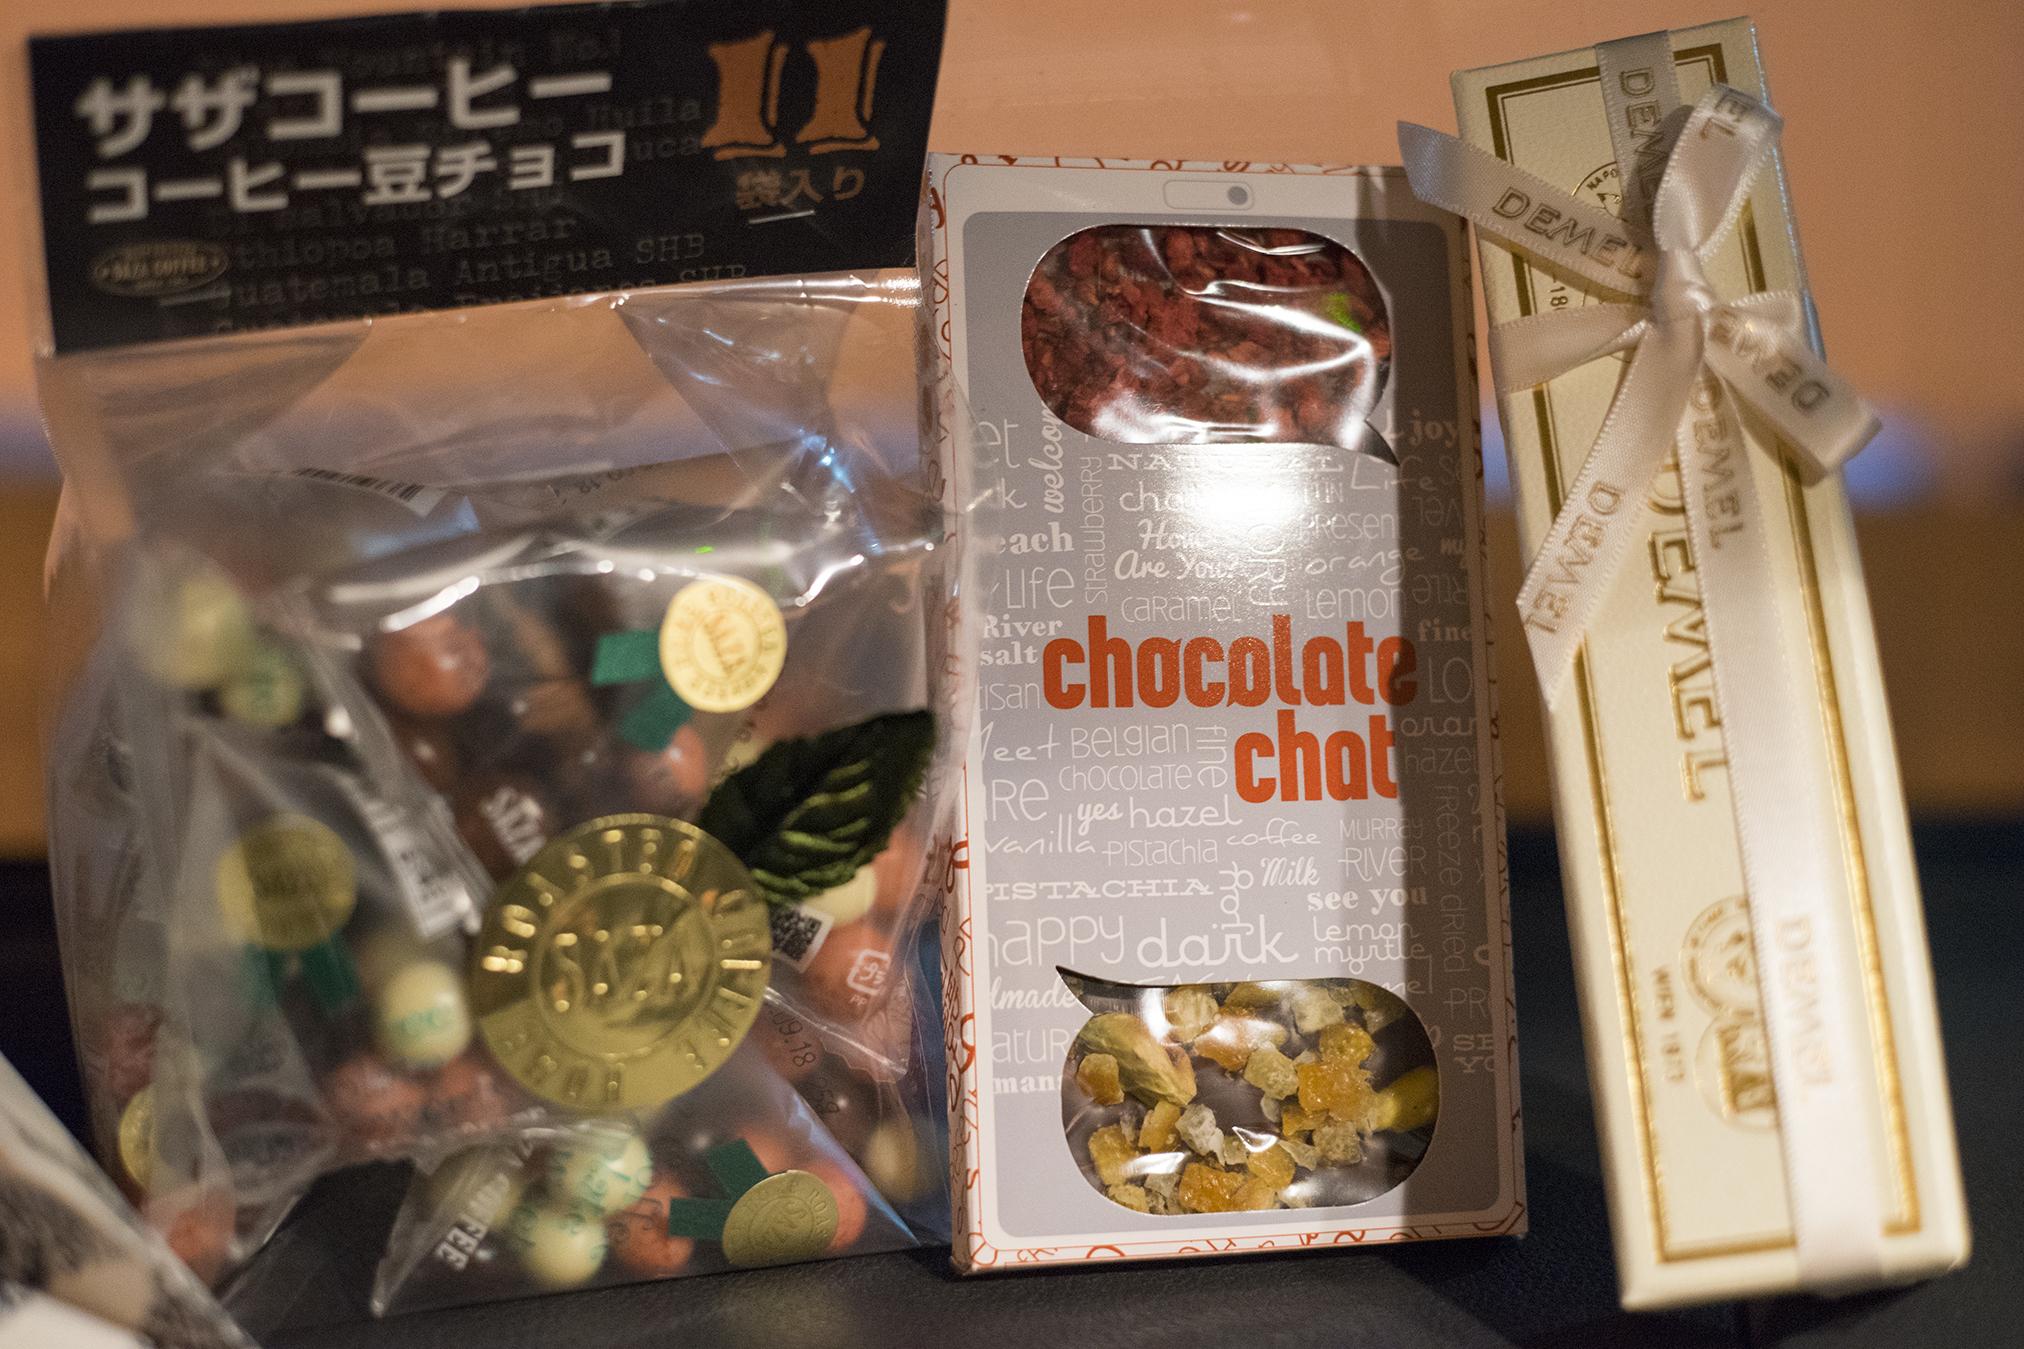 バレンタインデーのチョコレート「Chocolatechat」「DEMEL」「サザコーヒー」